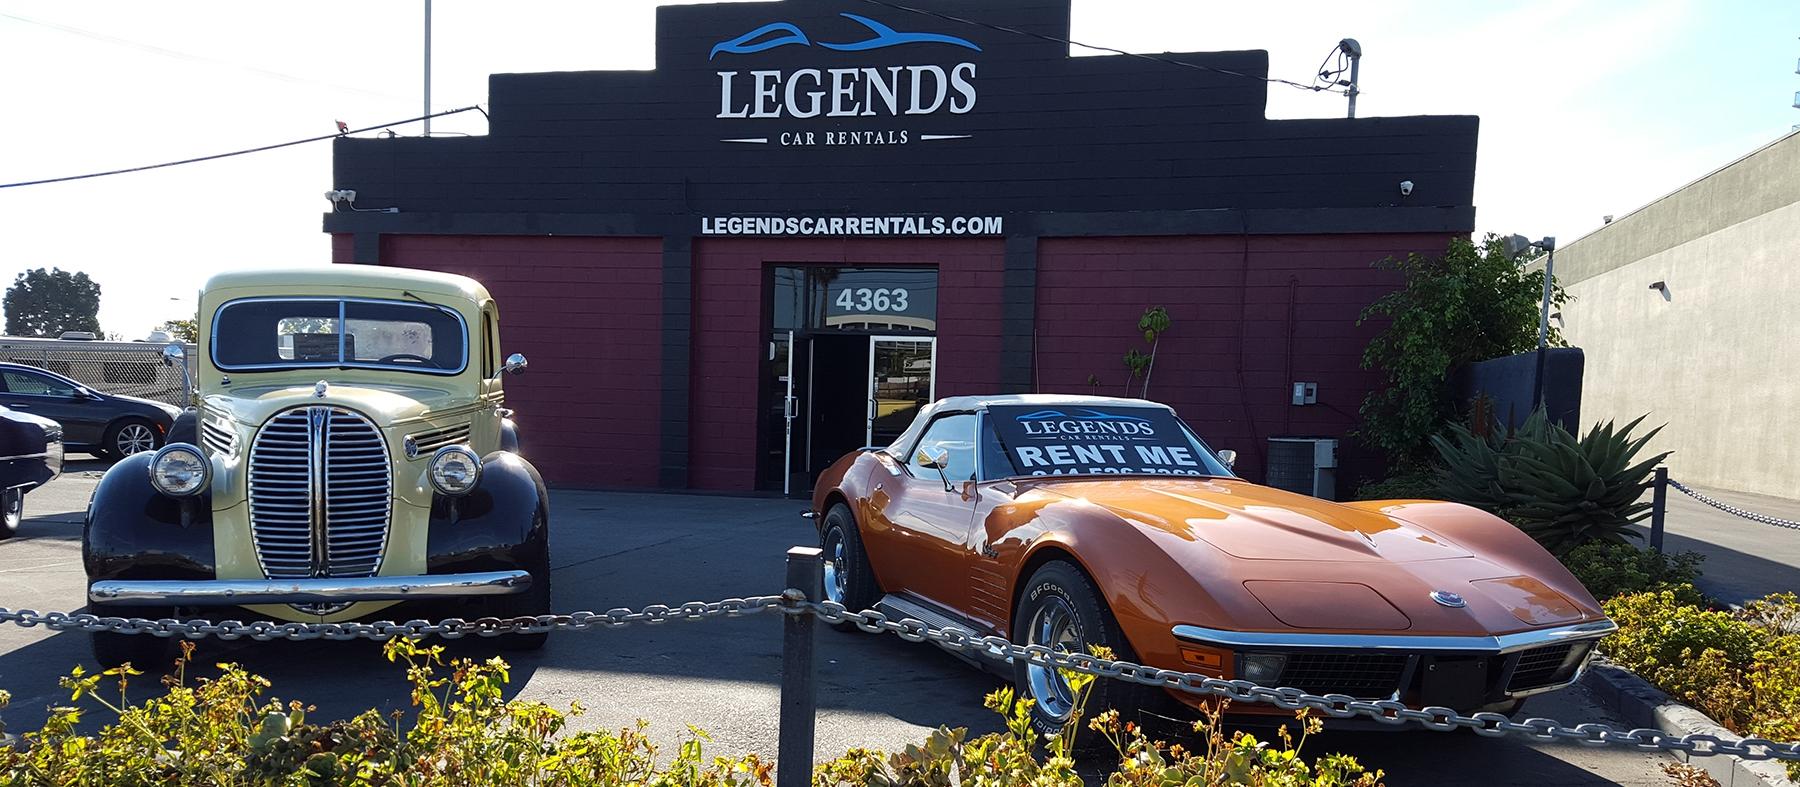 LEGENDS CAR RENTALS (@legendscarrental) Cover Image